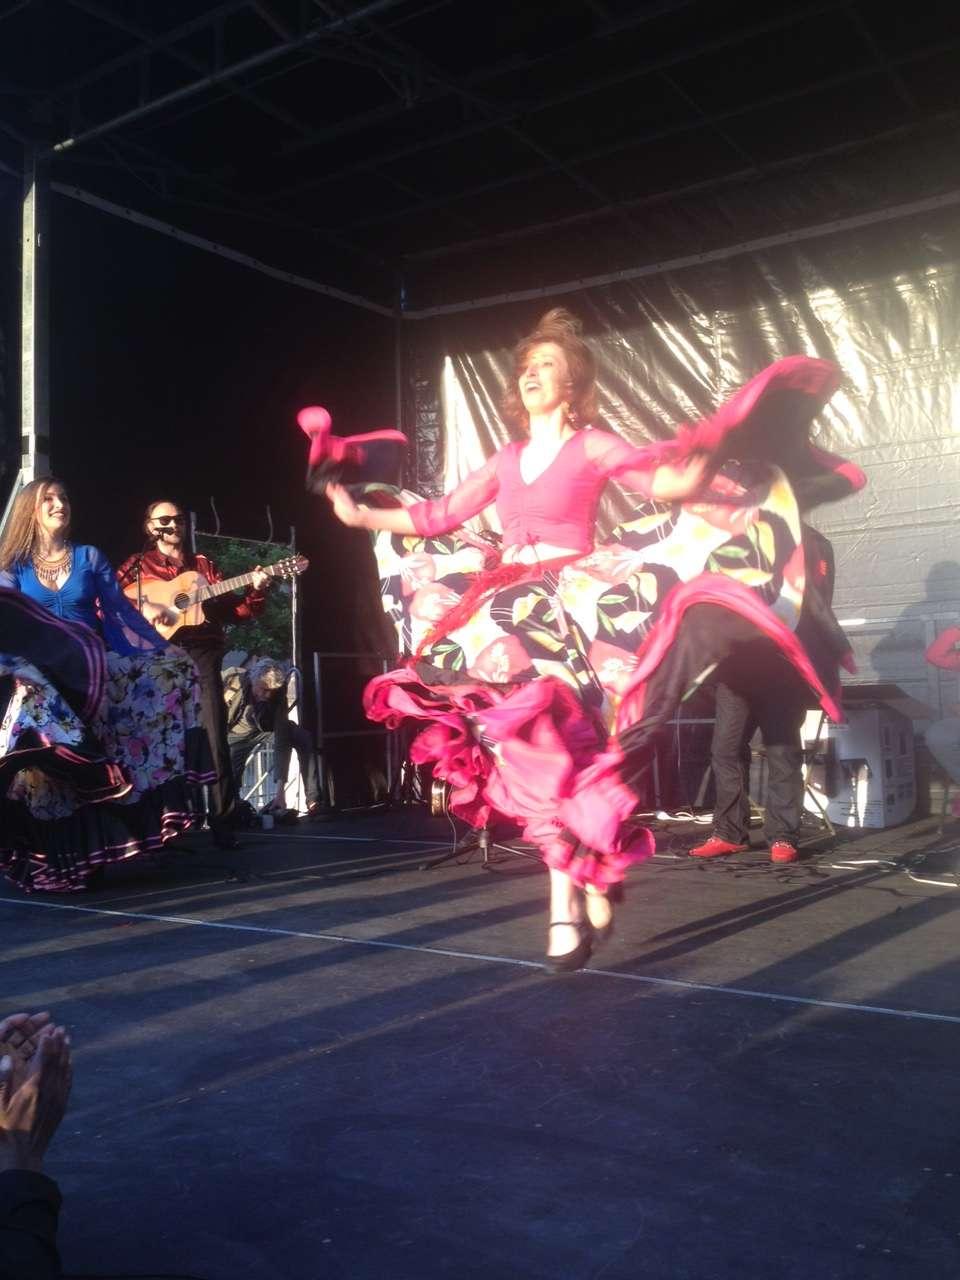 Dansatoare gadje pe scenà